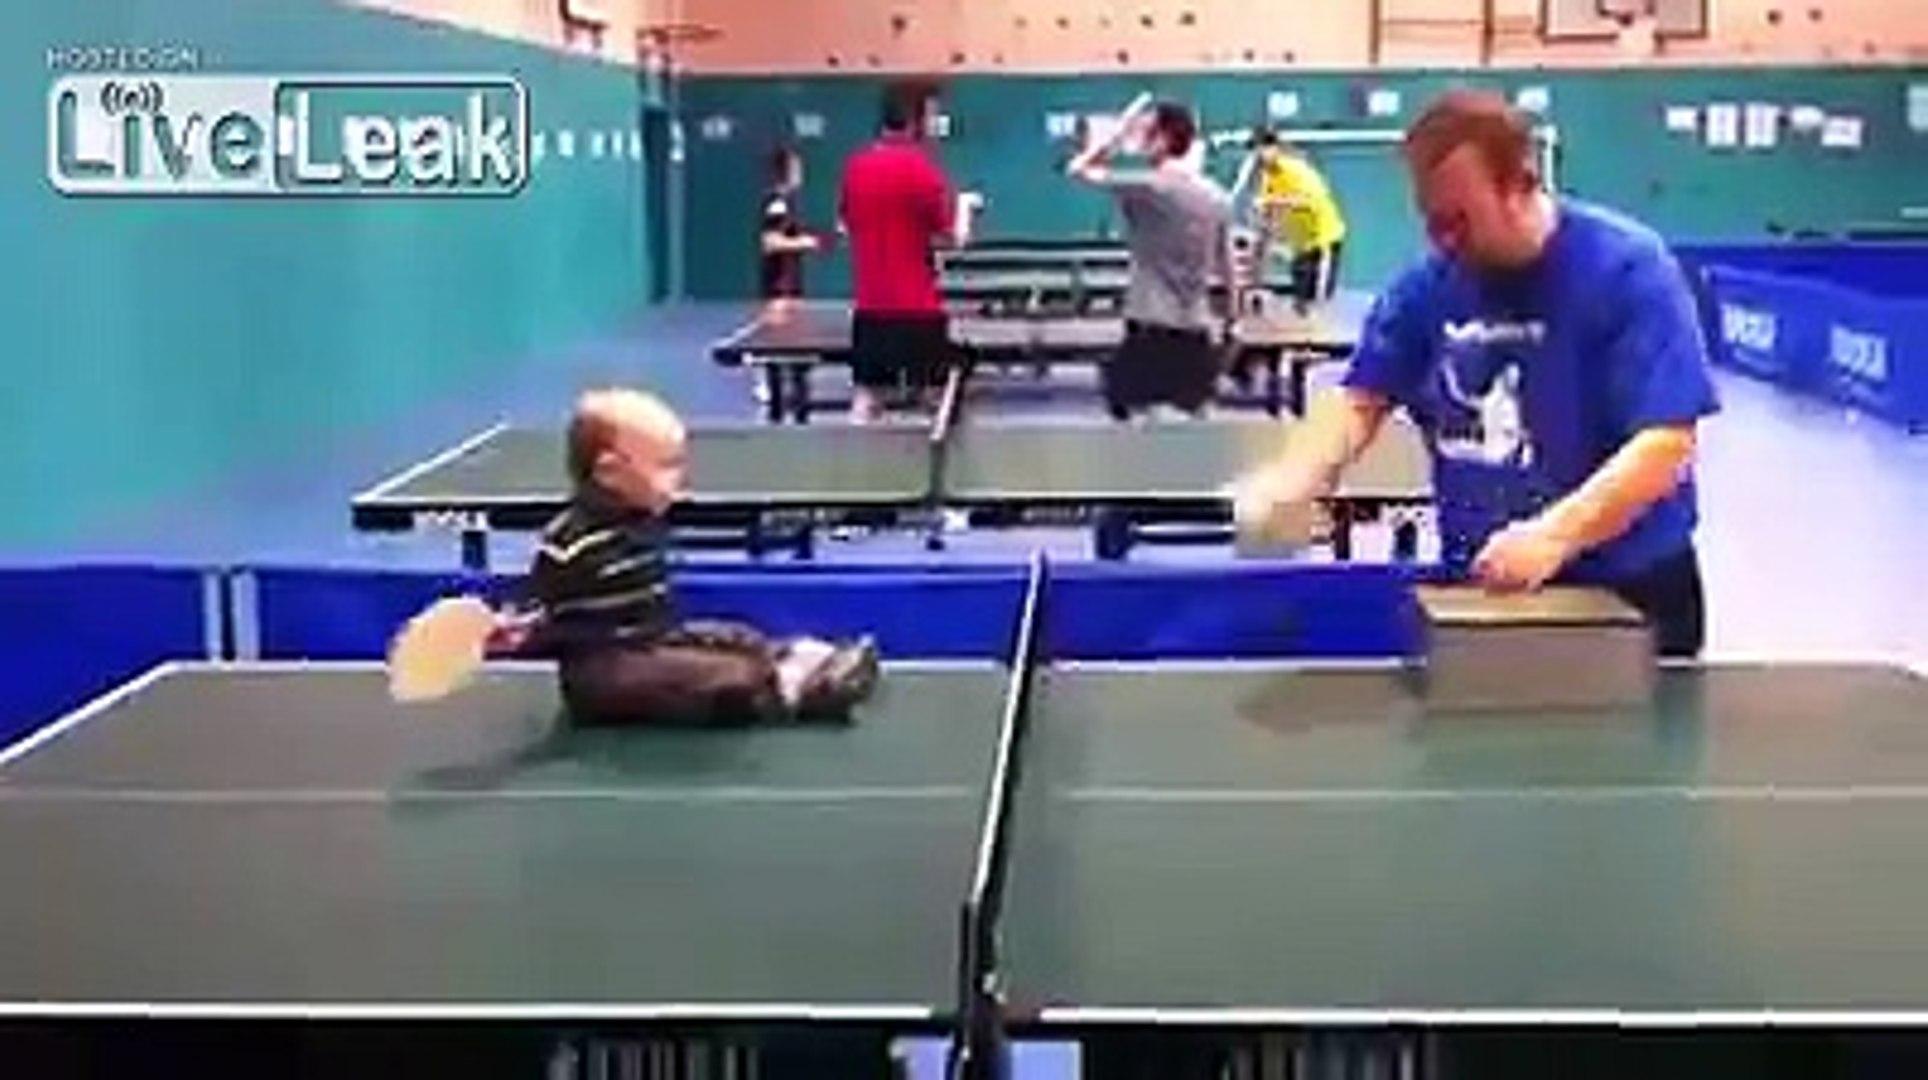 Kid playing ping-pong